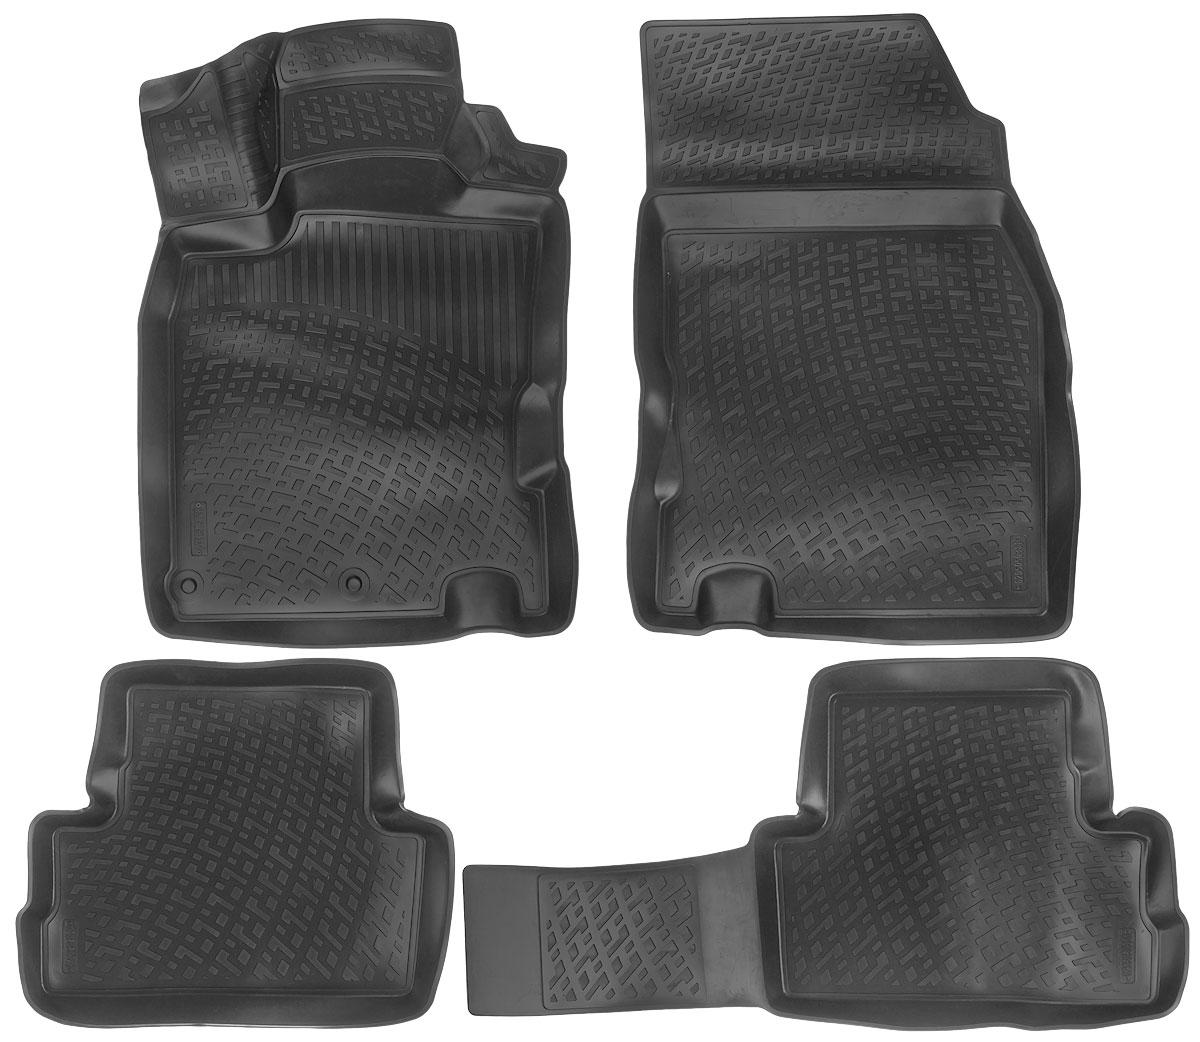 Набор автомобильных ковриков L.Locker Nissan Qashqai II 2014, в салон, 4 штВетерок 2ГФНабор L.Locker Nissan Qashqai II 2014, изготовленный из полиуретана, состоит из 4 антискользящих 3D ковриков, которые производятся индивидуально для каждой модели автомобиля. Изделие точно повторяет геометрию пола автомобиля, имеет высокий борт, обладает повышенной износоустойчивостью, лишено резкого запаха и сохраняет свои потребительские свойства в широком диапазоне температур от -50°С до +50°С.Комплектация: 4 шт.Размер ковриков: 87 см х 53 см; 53 см х 46 см; 92 см х 46 см; 54 см х 77 см.